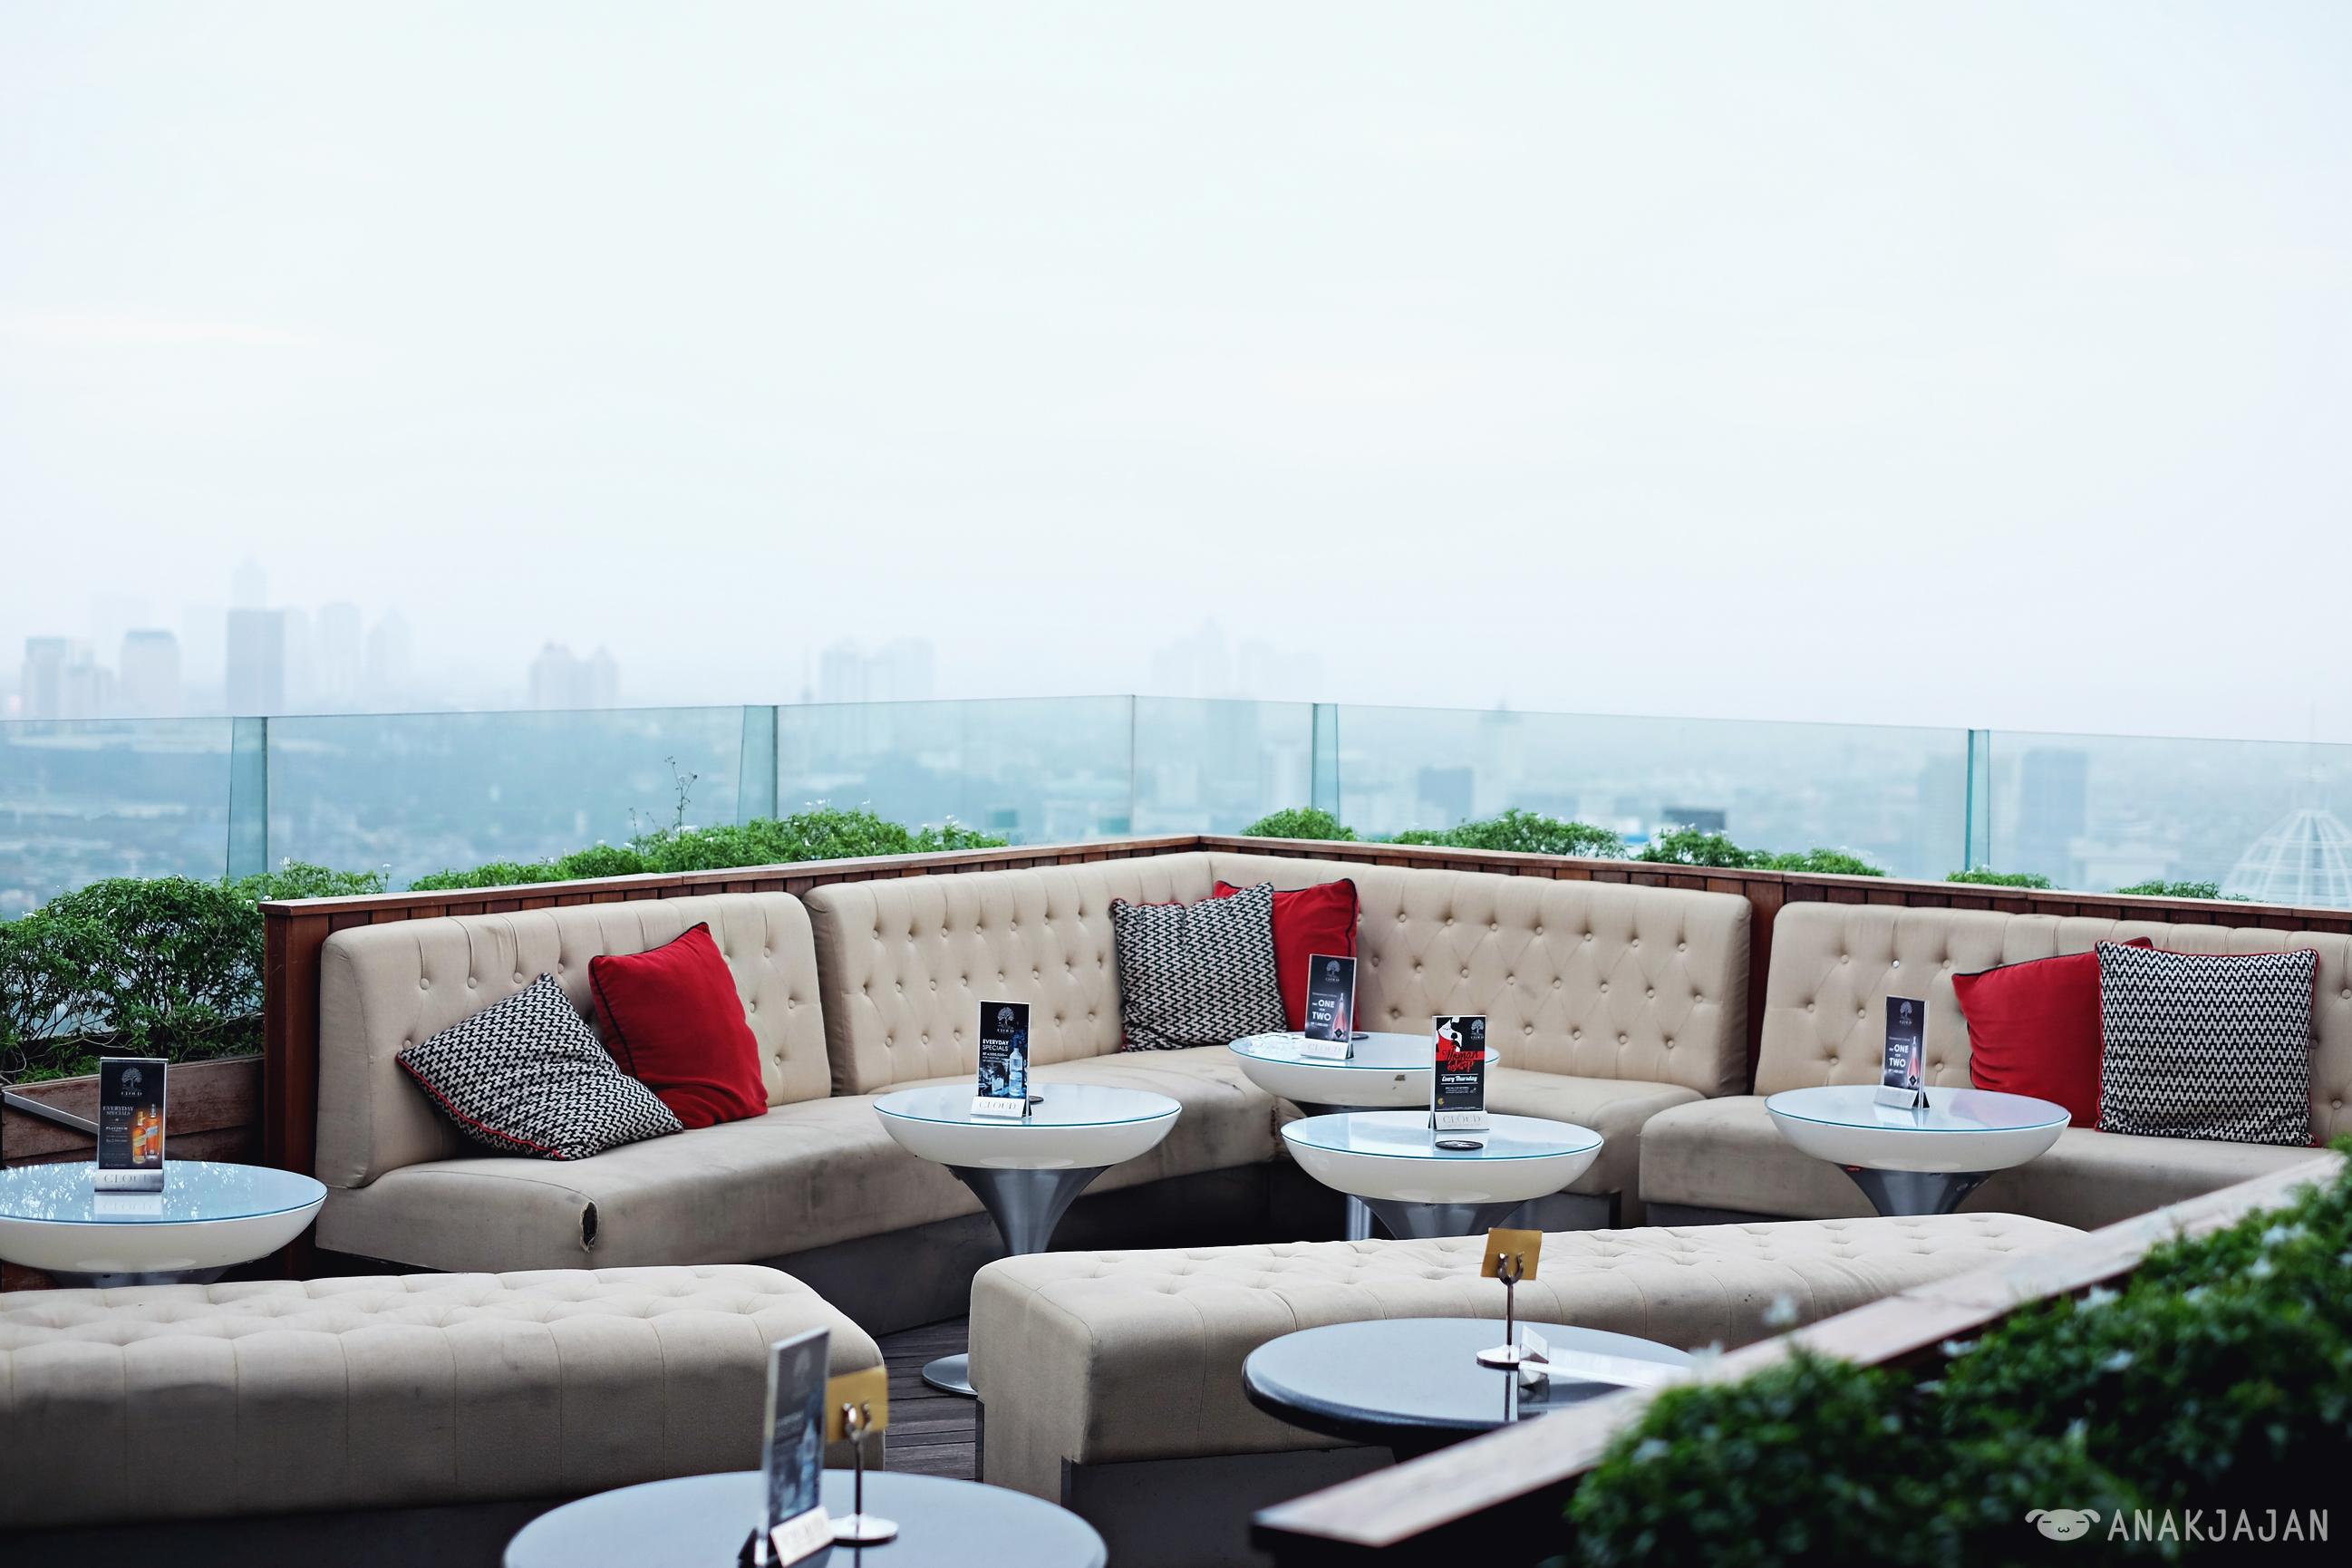 cloud lounge and living room Cloud Lounge & Living Room Jakarta | ANAKJAJAN.COM 1730 X 2595